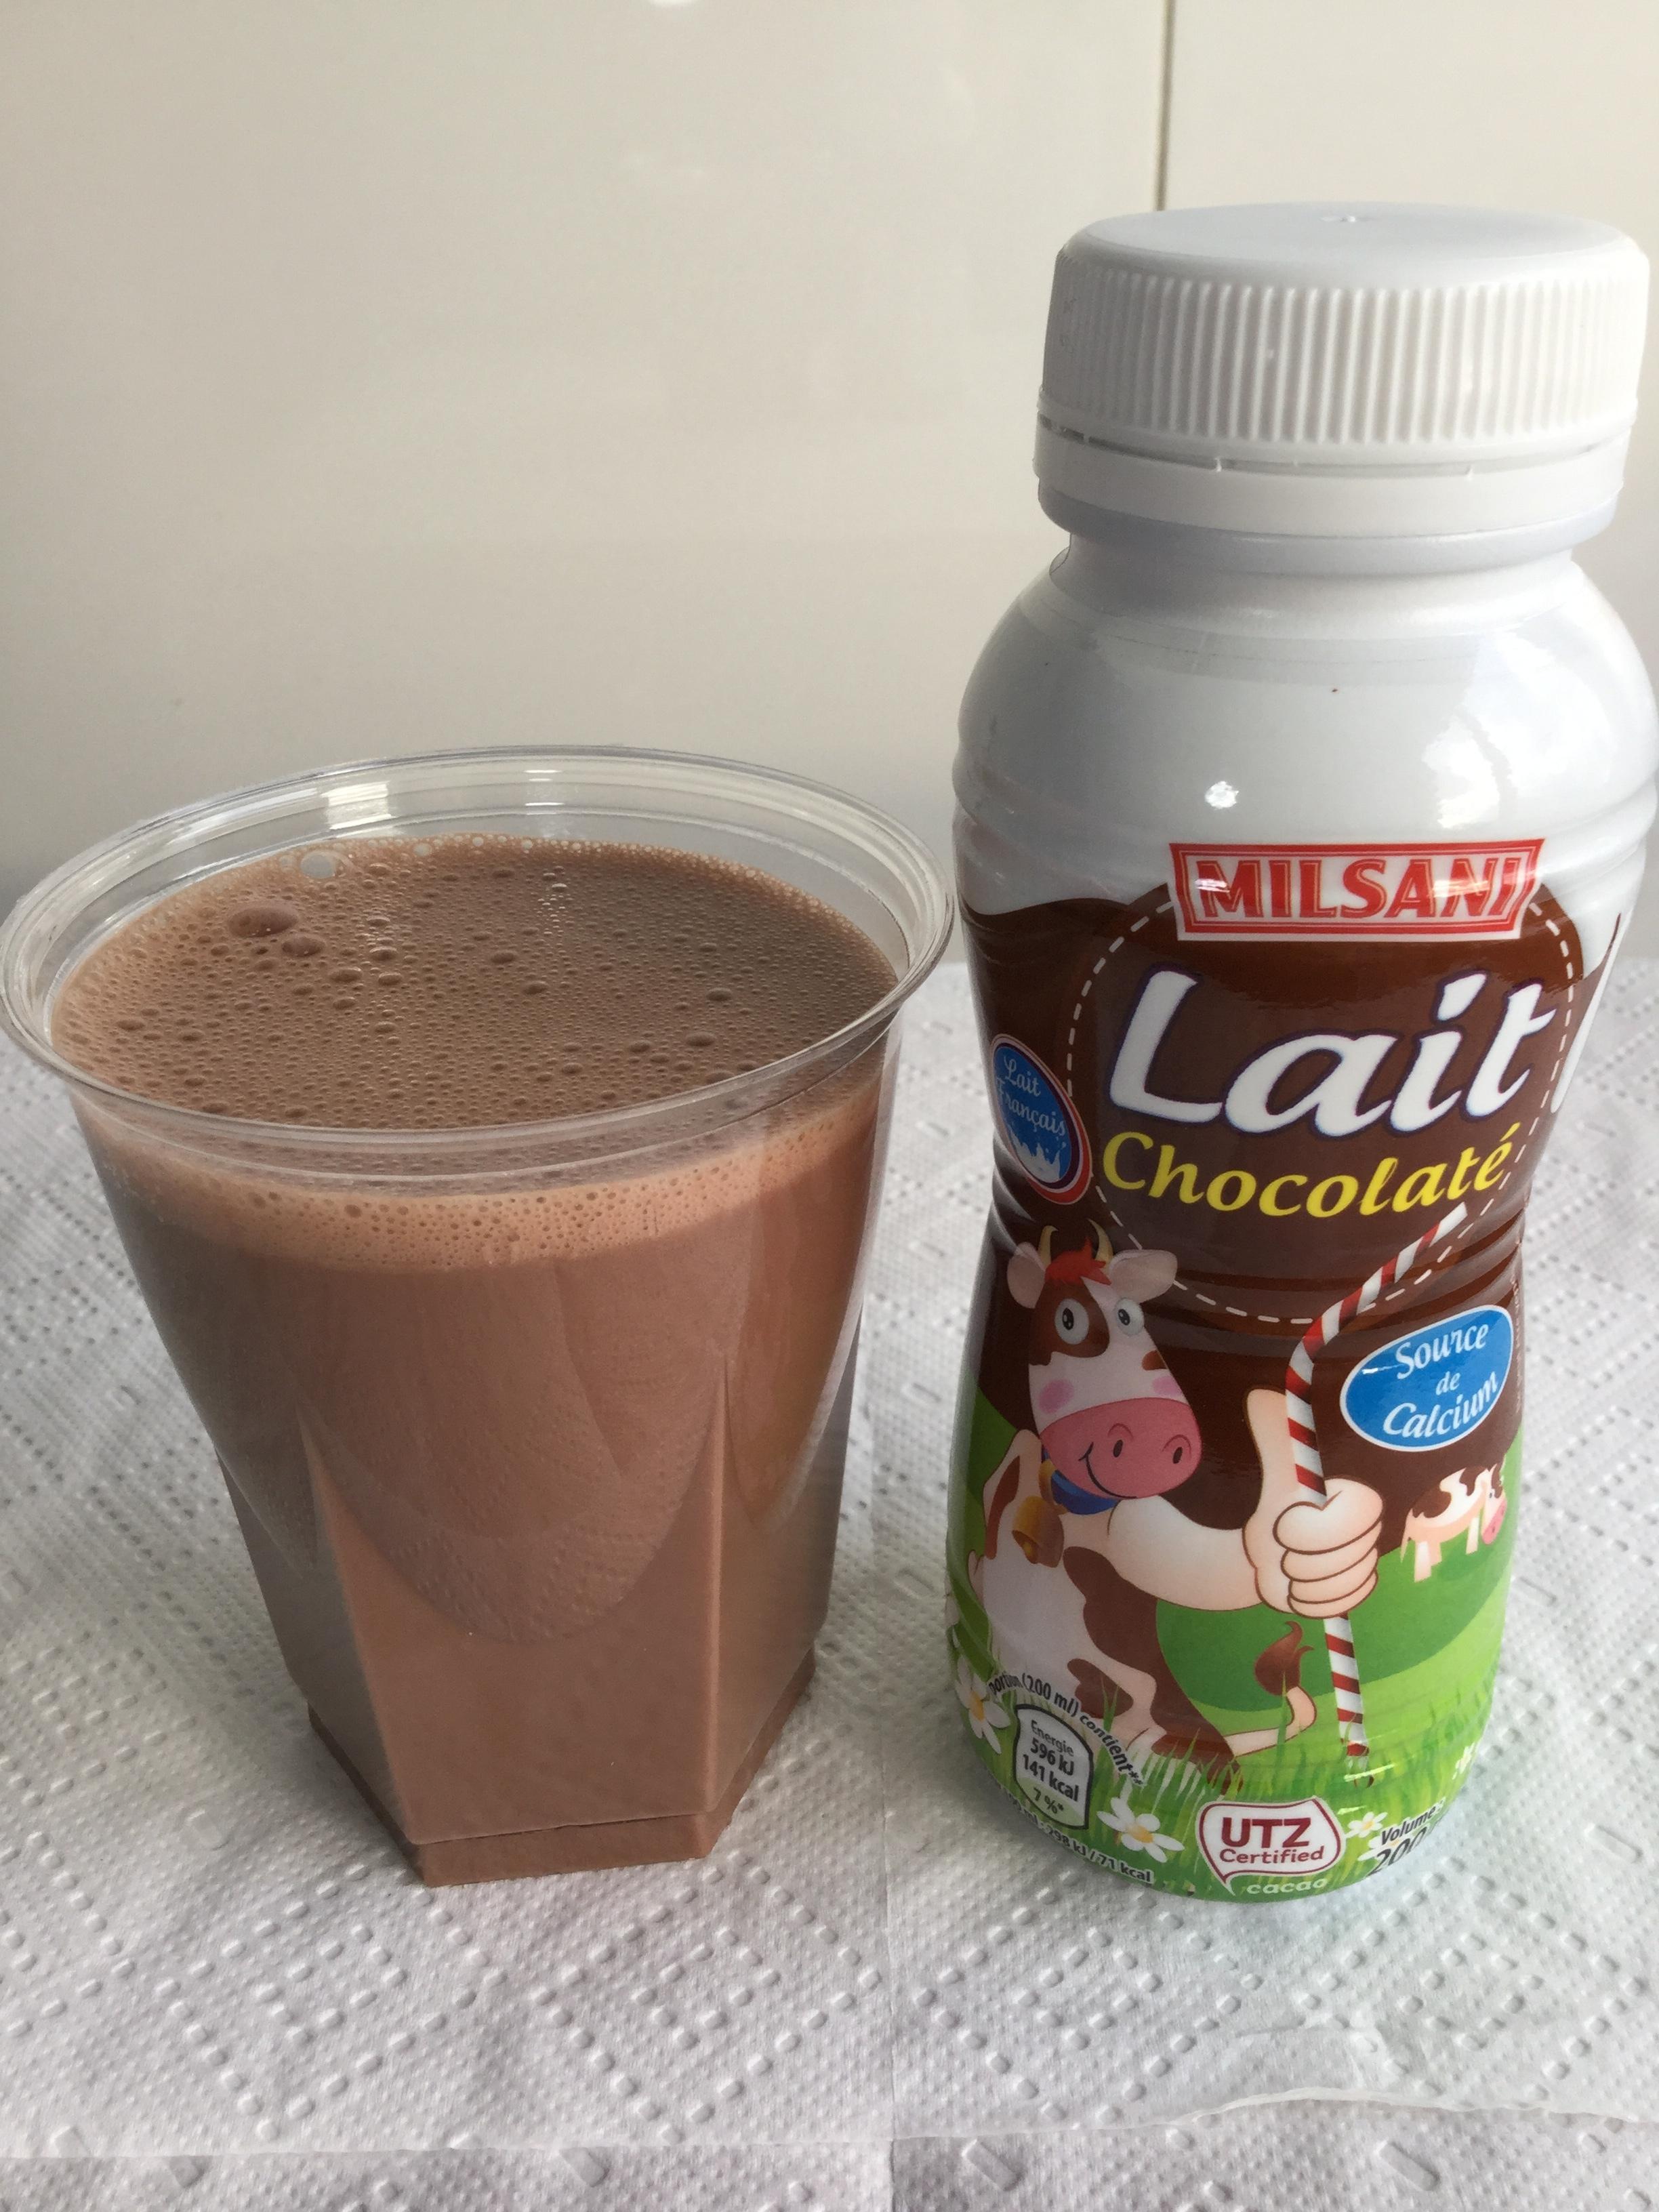 Milsani Lait Chocolaté Cup